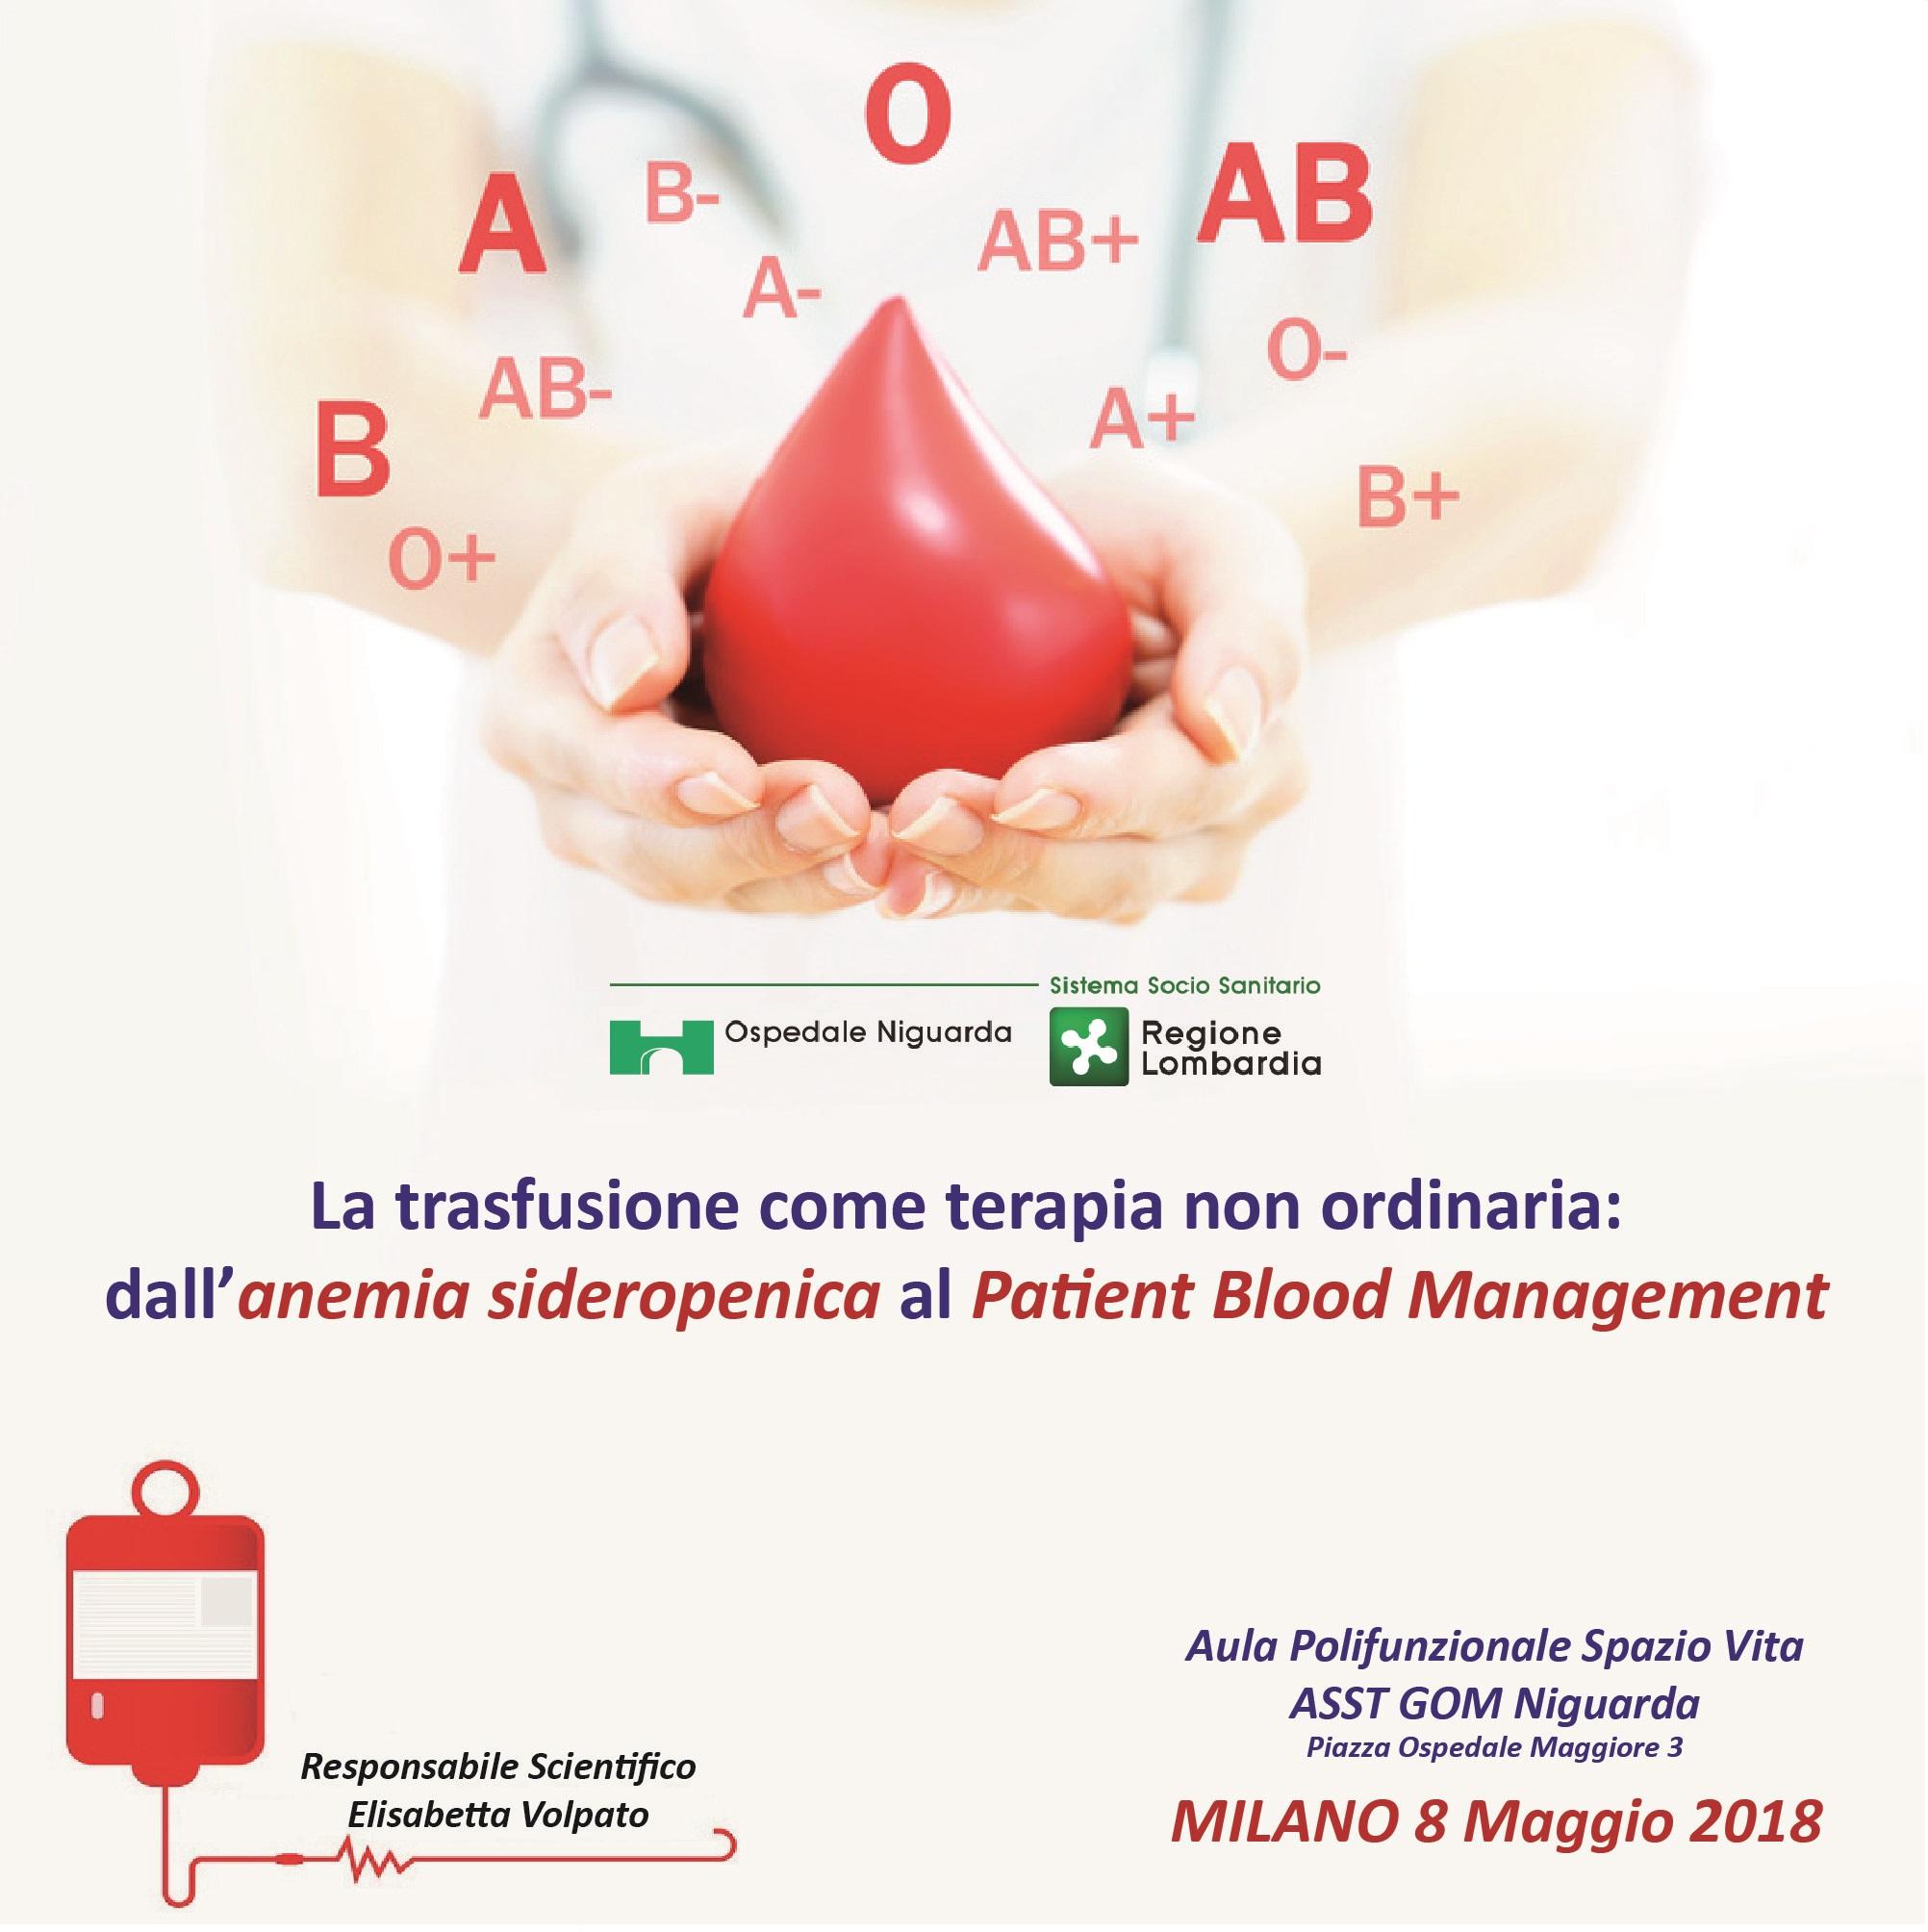 LA TRASFUSIONE COME TERAPIA NON ORDINARIA: DALL'ANEMIA SIDEROPENICA AL PATIENT BLOOD MANAGEMENT